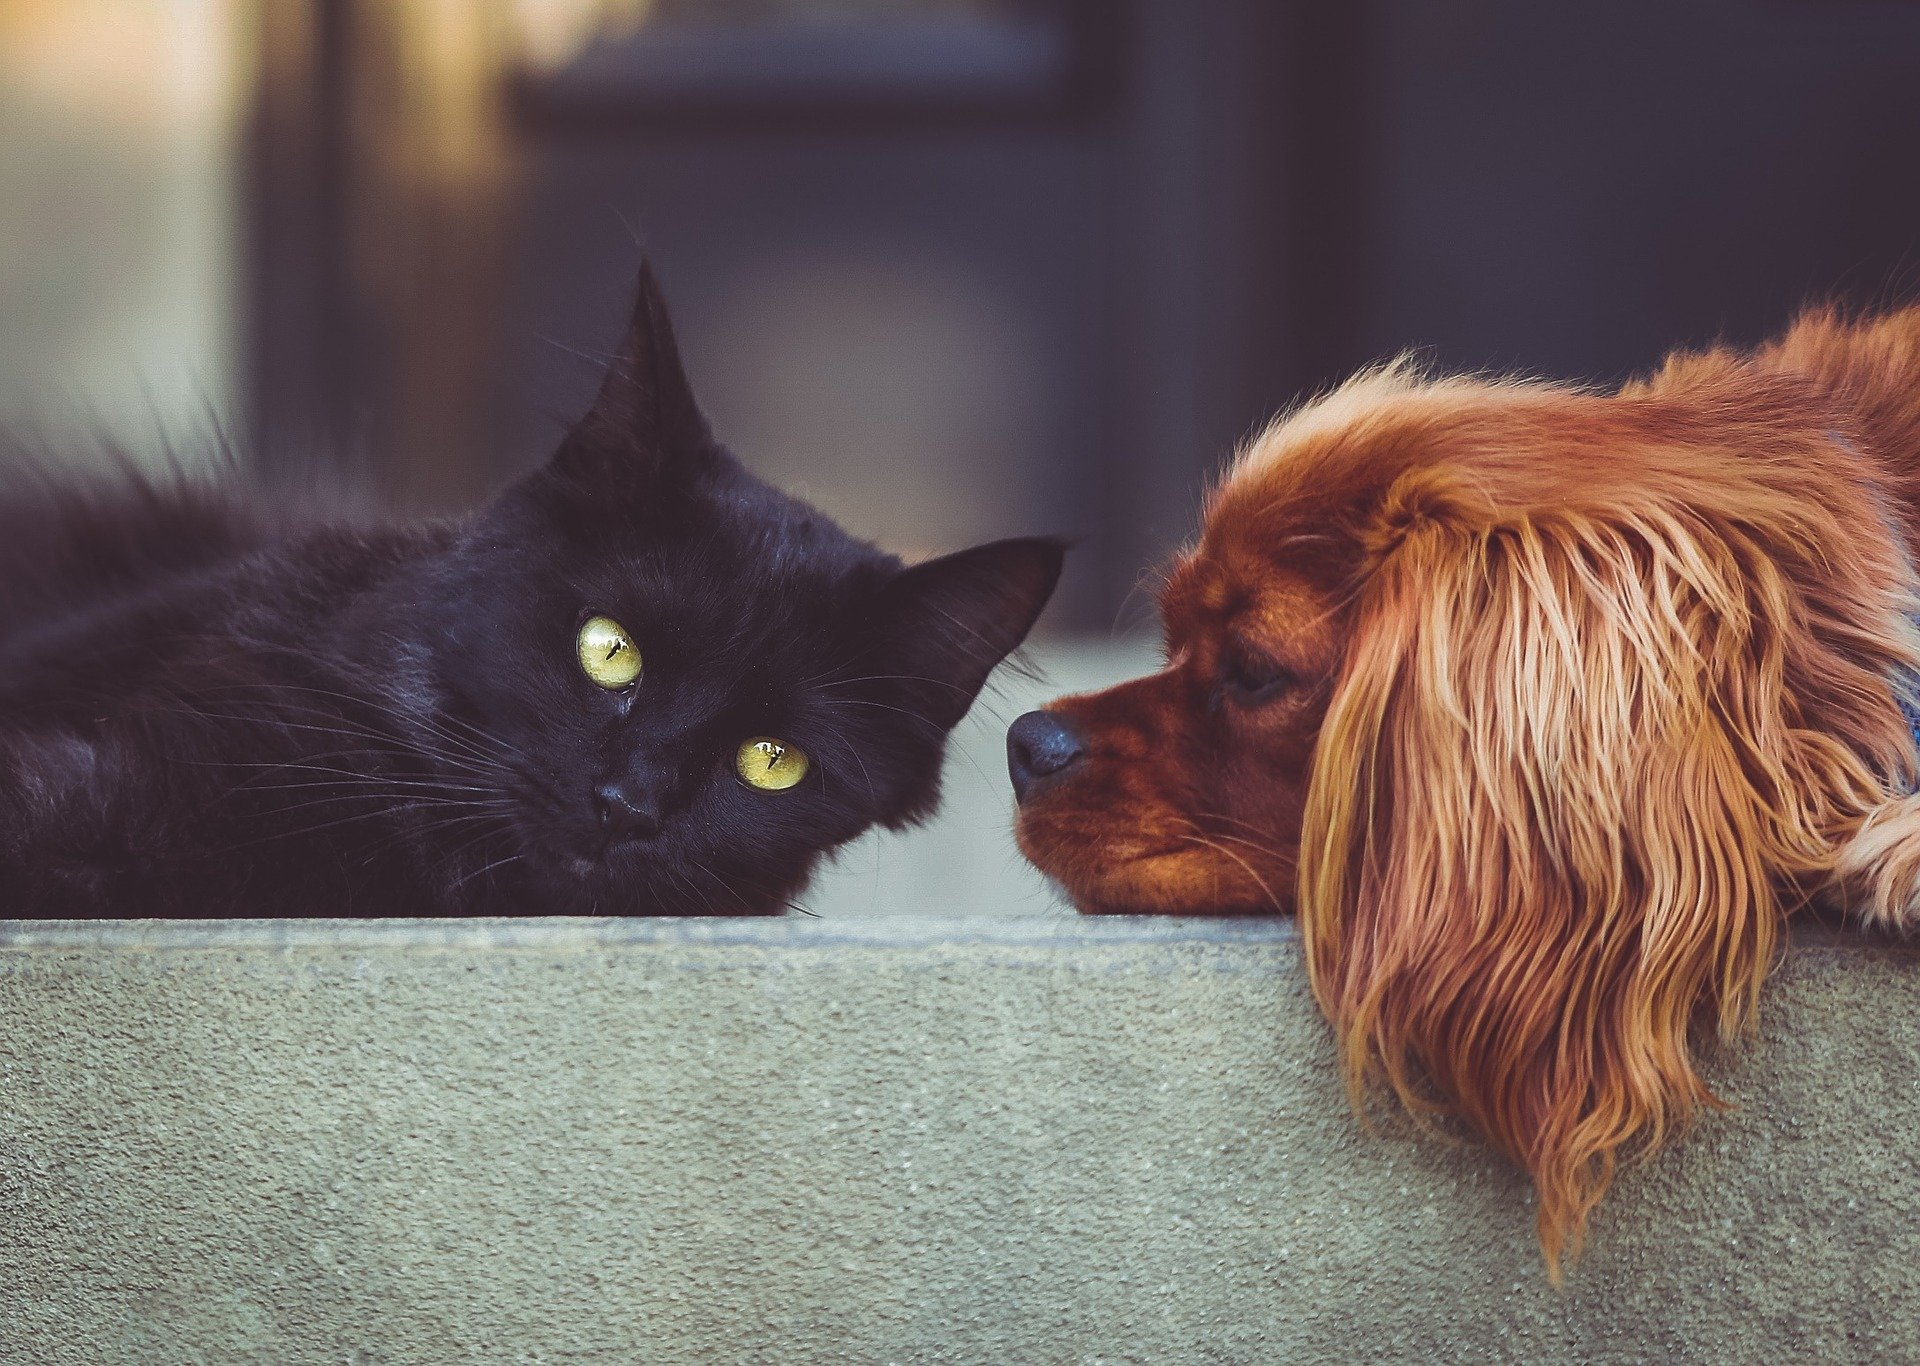 猫と犬の友達のように仲良さそうな画像